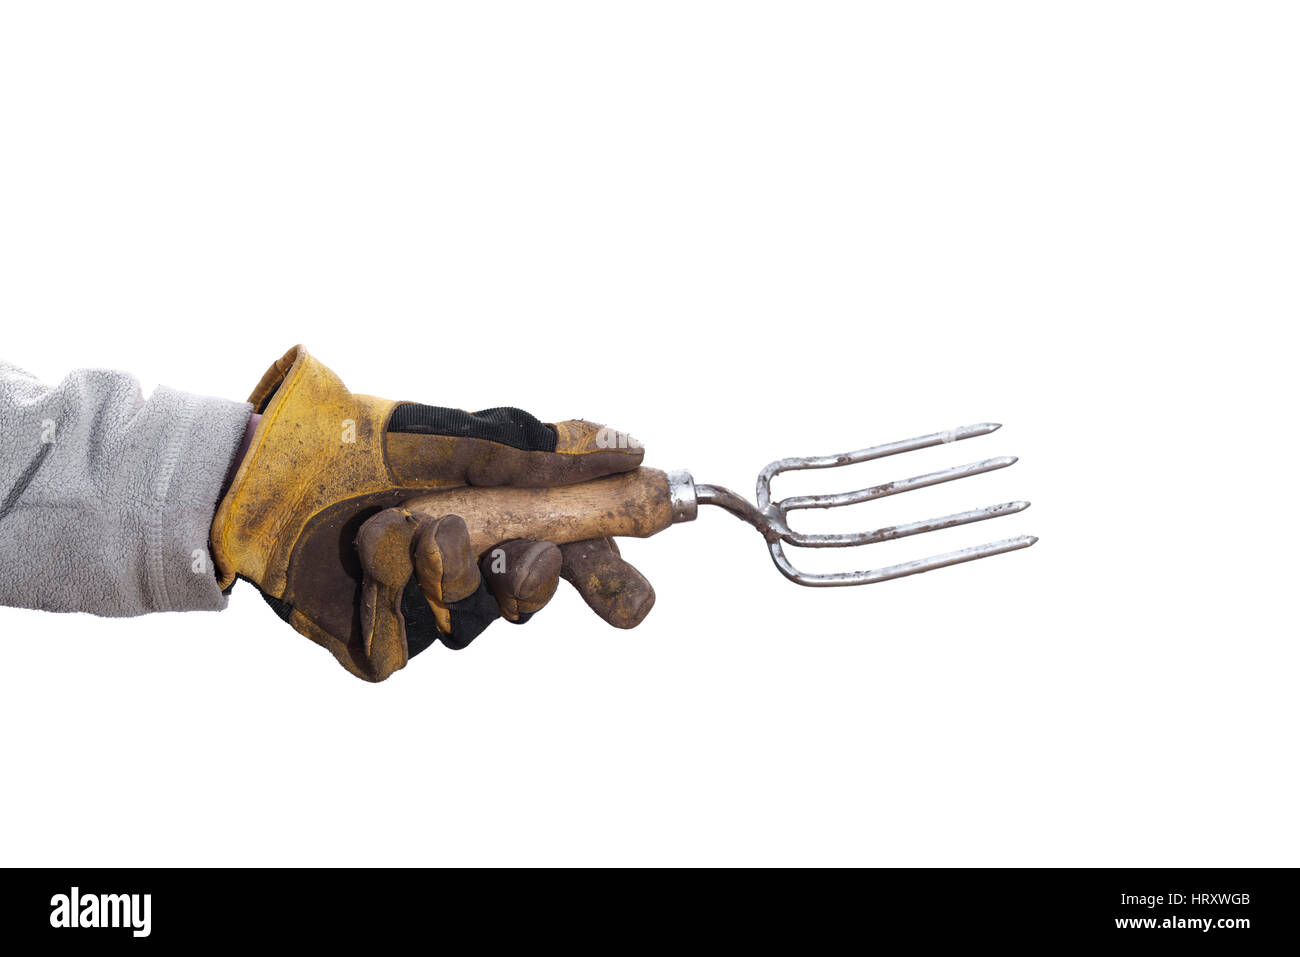 Gardener holding hand fork, against a white background. - Stock Image